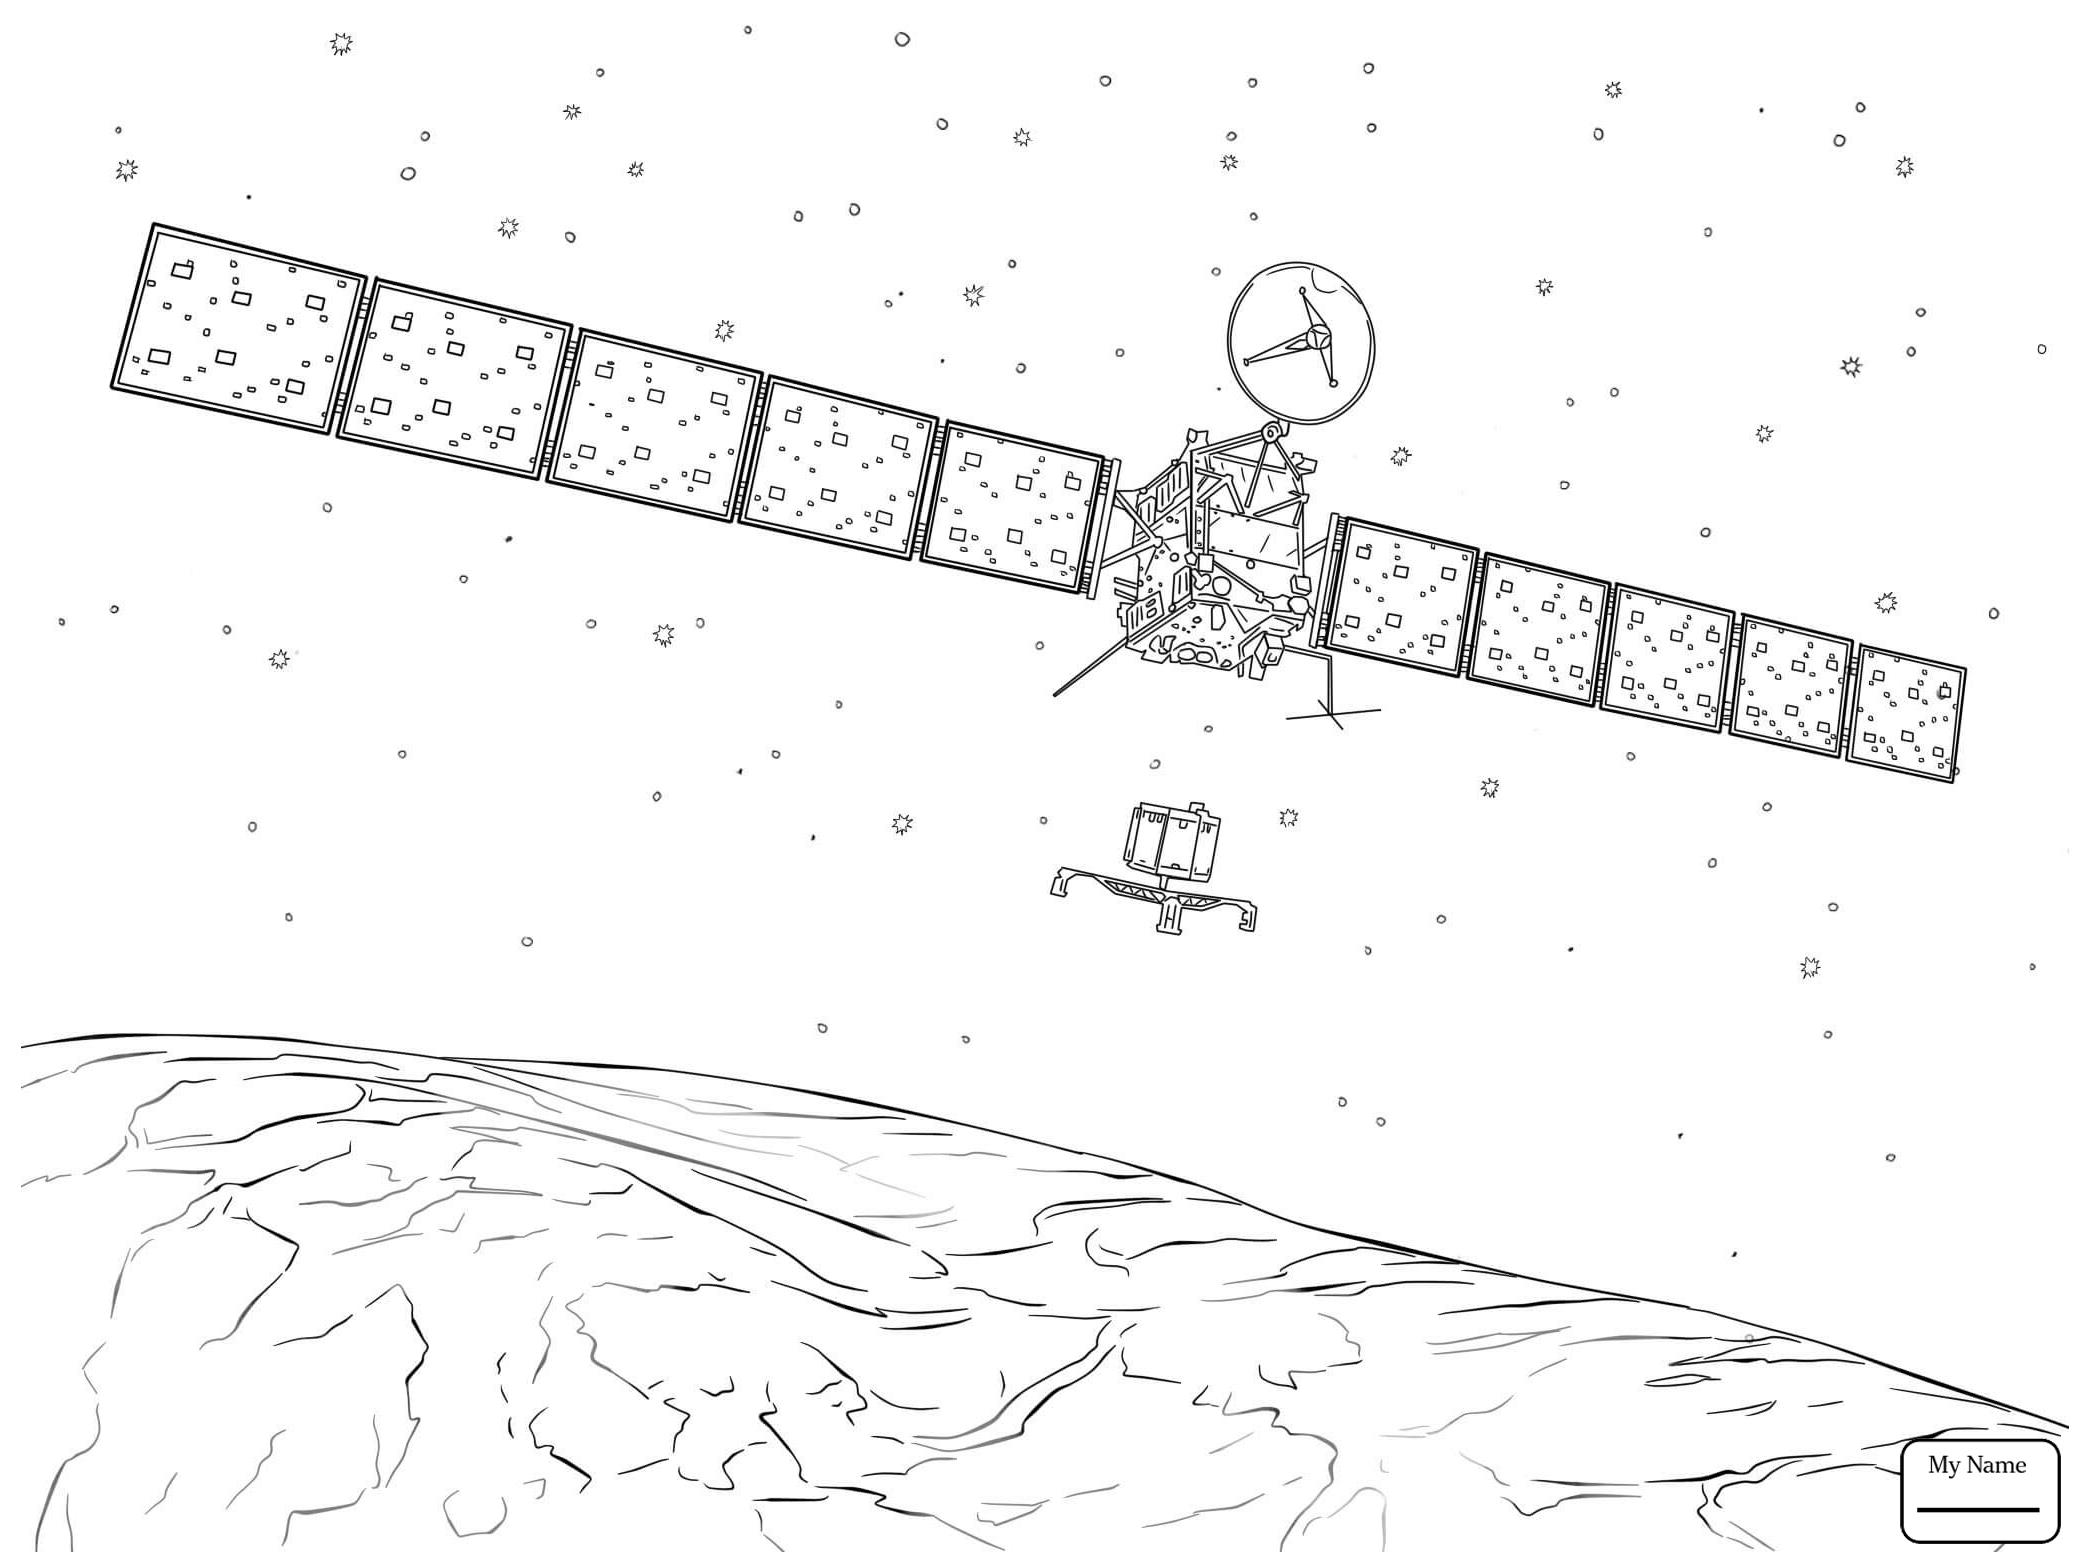 Alien Spaceship Drawing at GetDrawings | Free download